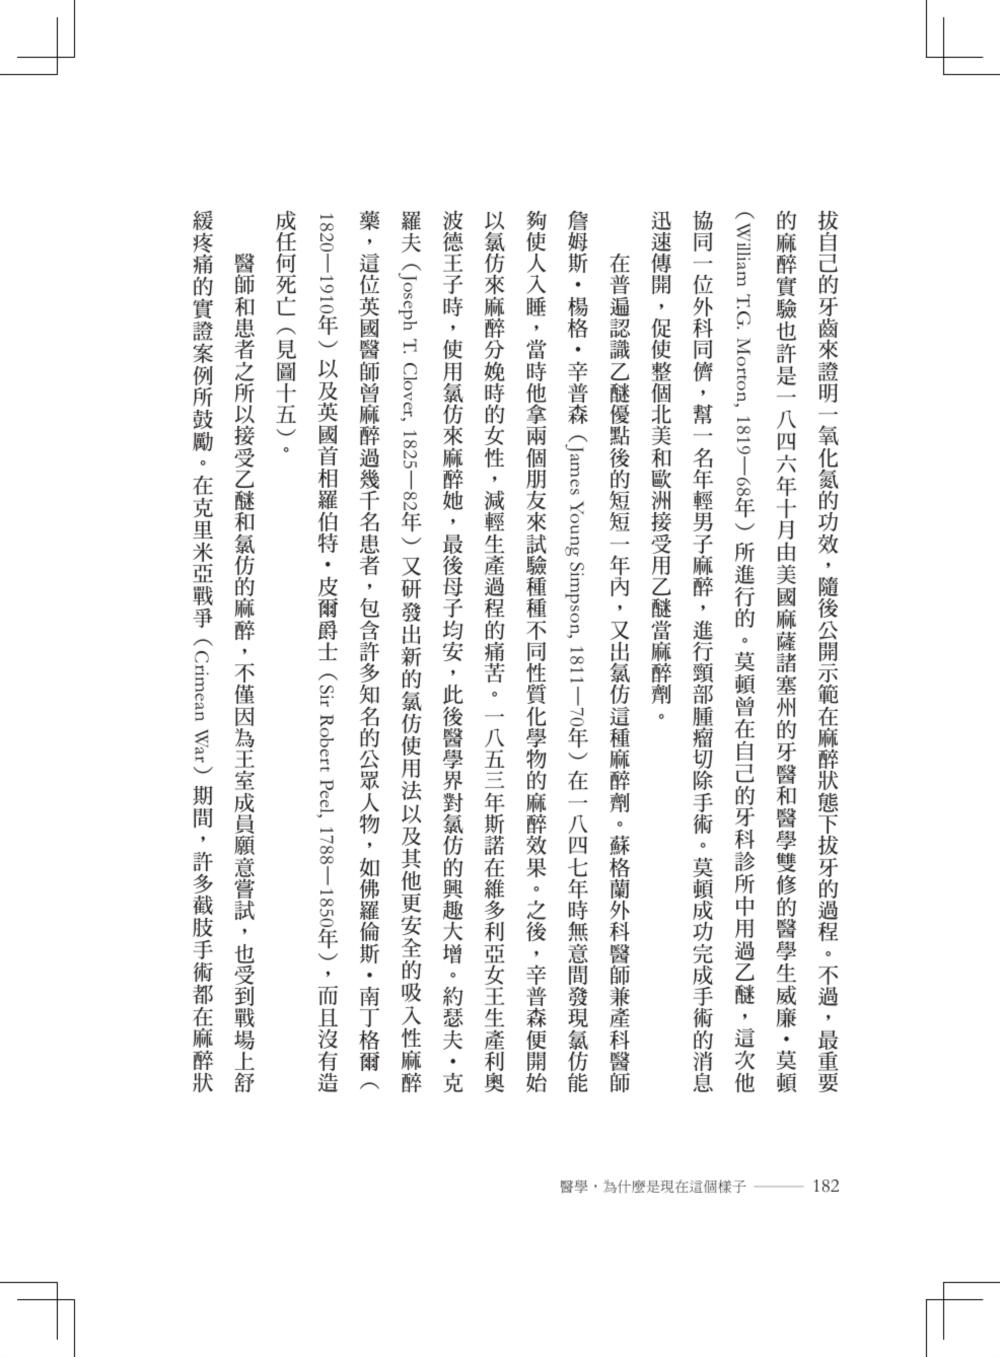 http://im1.book.com.tw/image/getImage?i=http://www.books.com.tw/img/001/072/55/0010725528_b_08.jpg&v=57c3d692&w=655&h=609